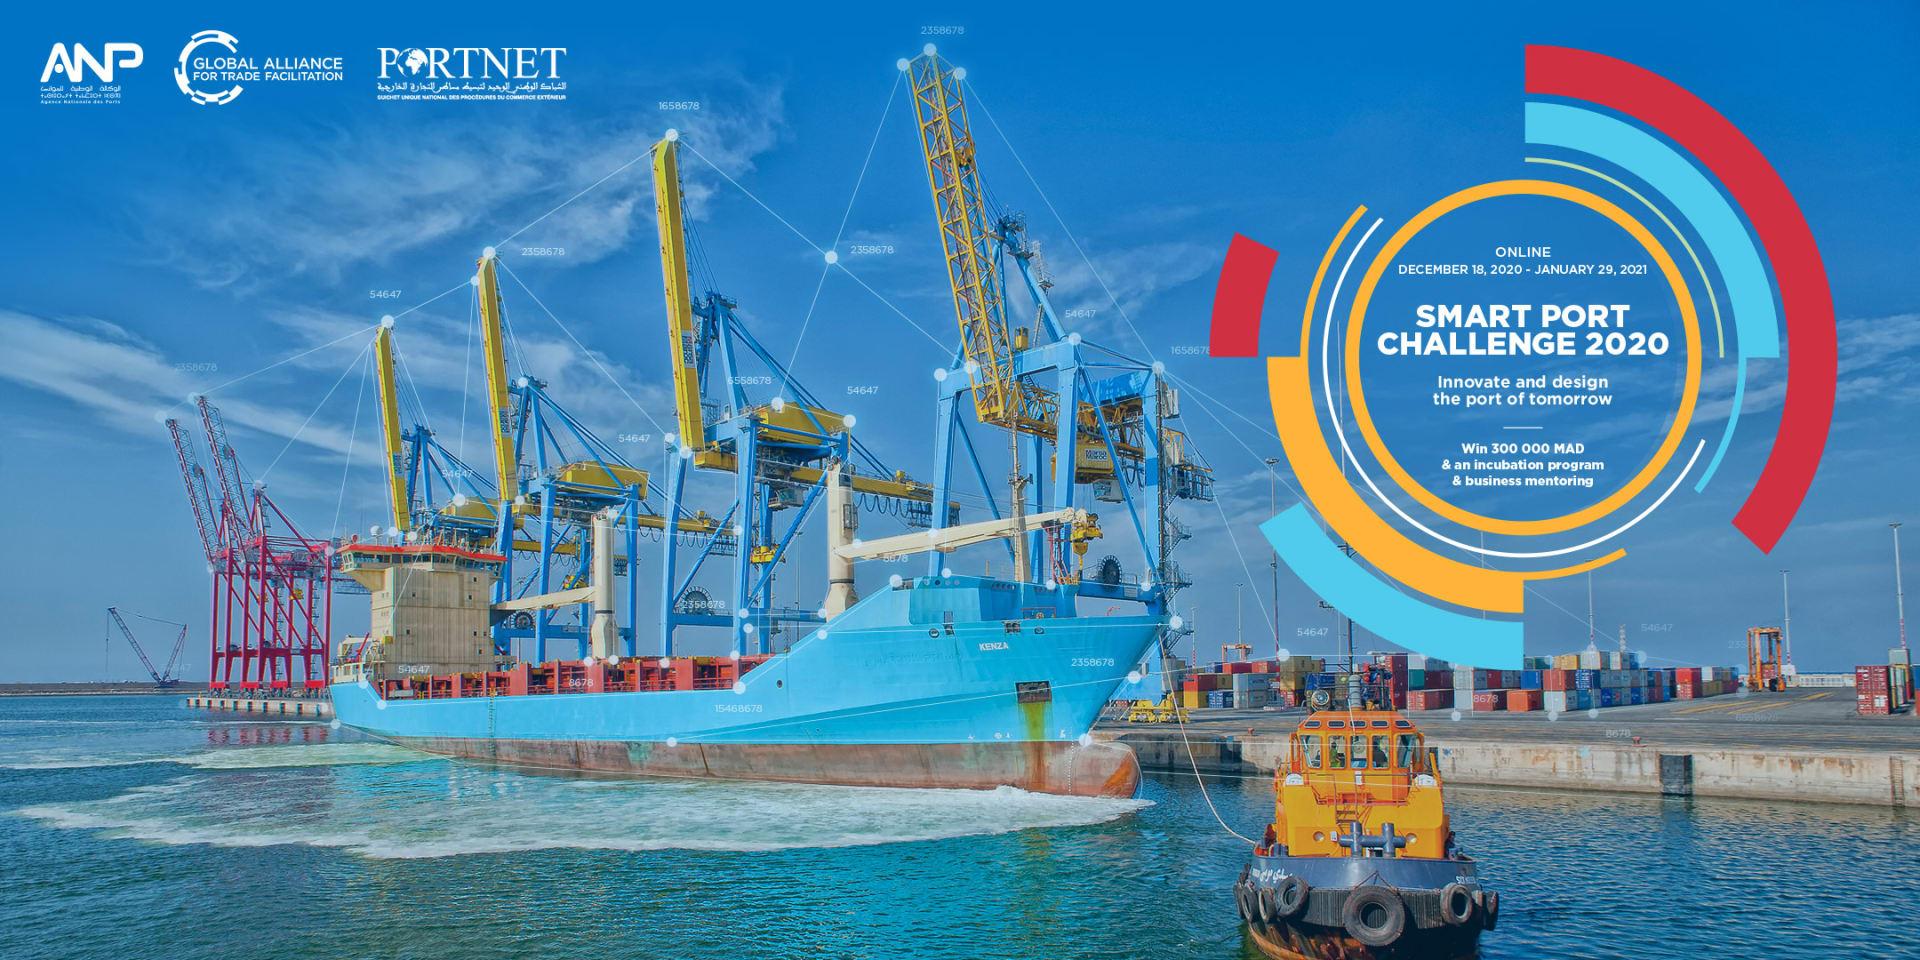 Clôture du 1er Hackathon dédié à l'innovation dans le secteur portuaire au Maroc